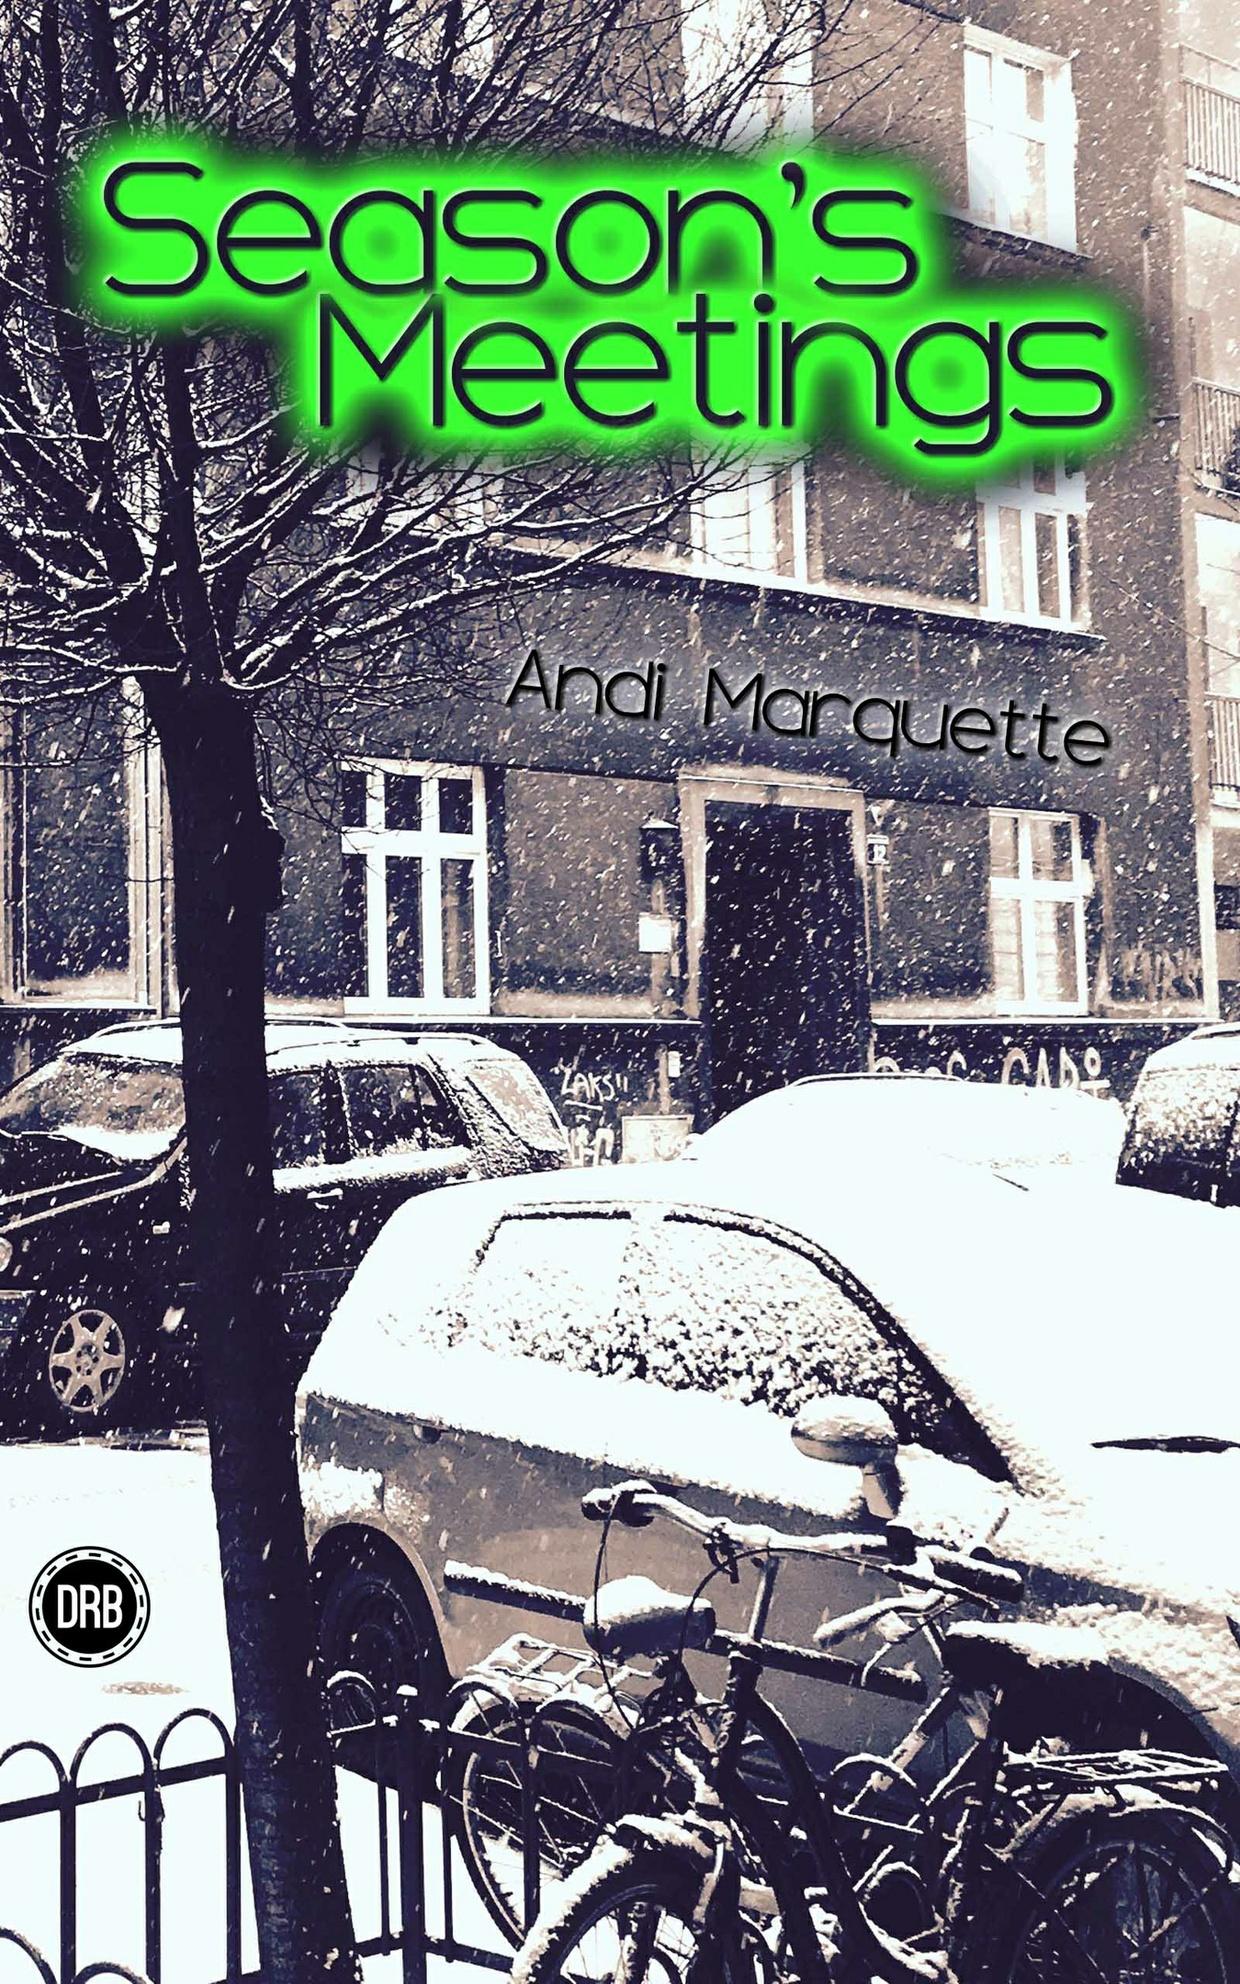 Season's Meetings by Andi Marquette - epub (Nook)